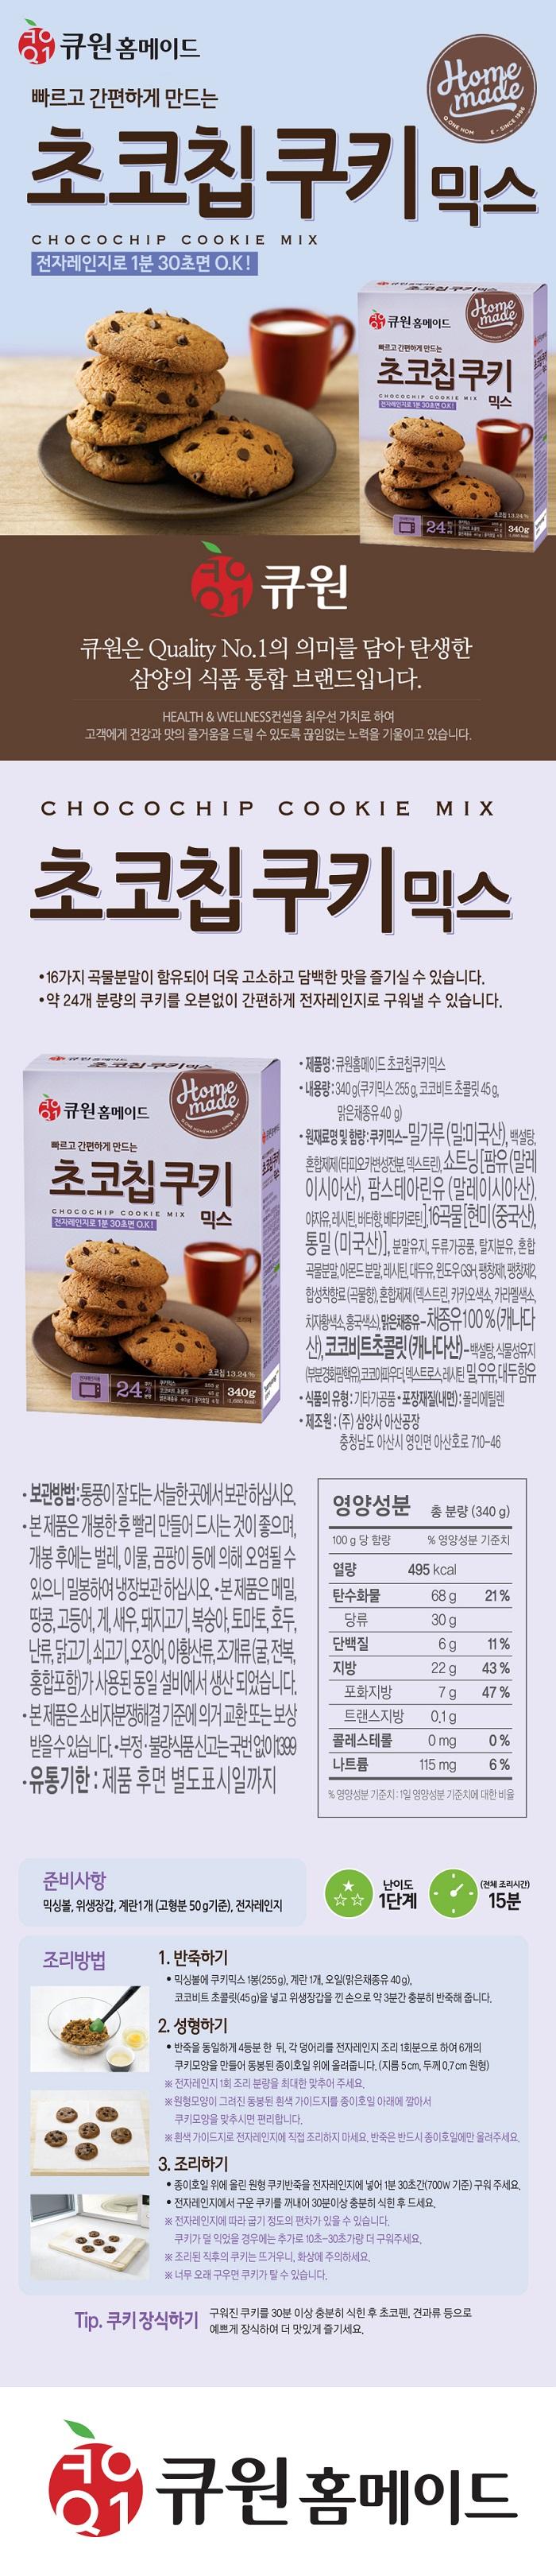 (박스/10개입)큐원 초코칩쿠키믹스/ 전자레인지용 - 레드비, 45,000원, DIY 세트, 쿠키/케이크